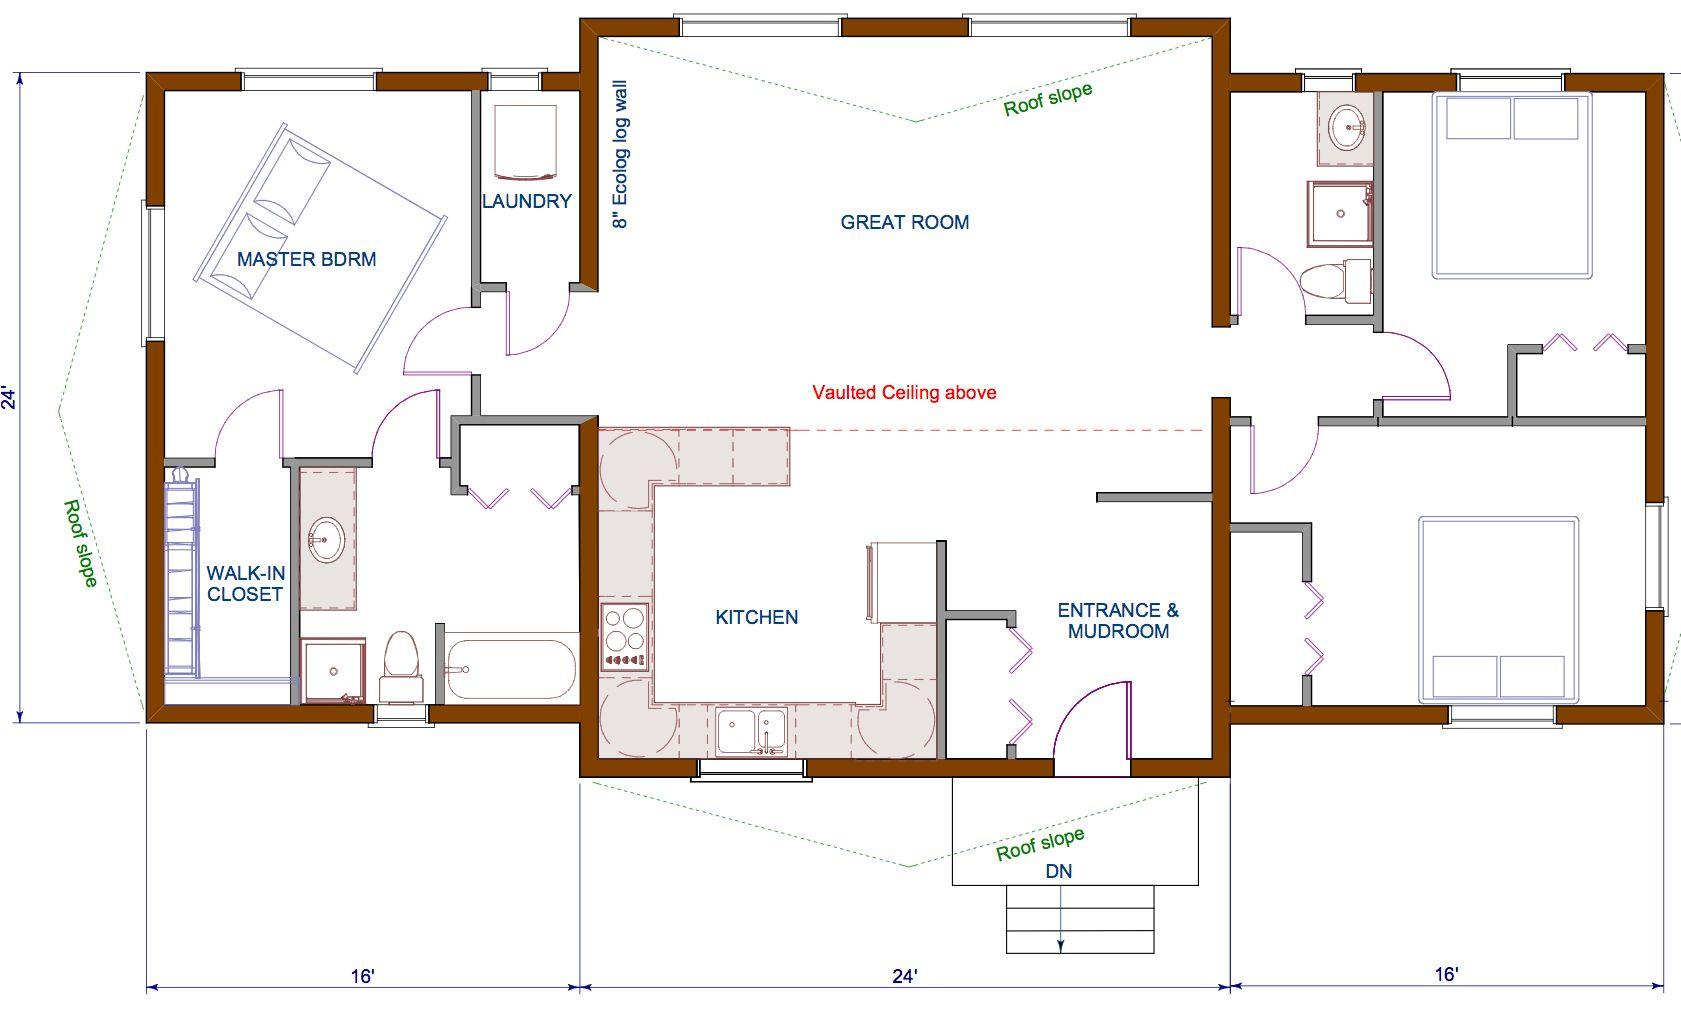 Open Plan Bungalow Floor Plan Open Plan Bungalow Designs North Facing Vastu Home Plans Free One Level House Plans Open House Plans Open Concept Floor Plans